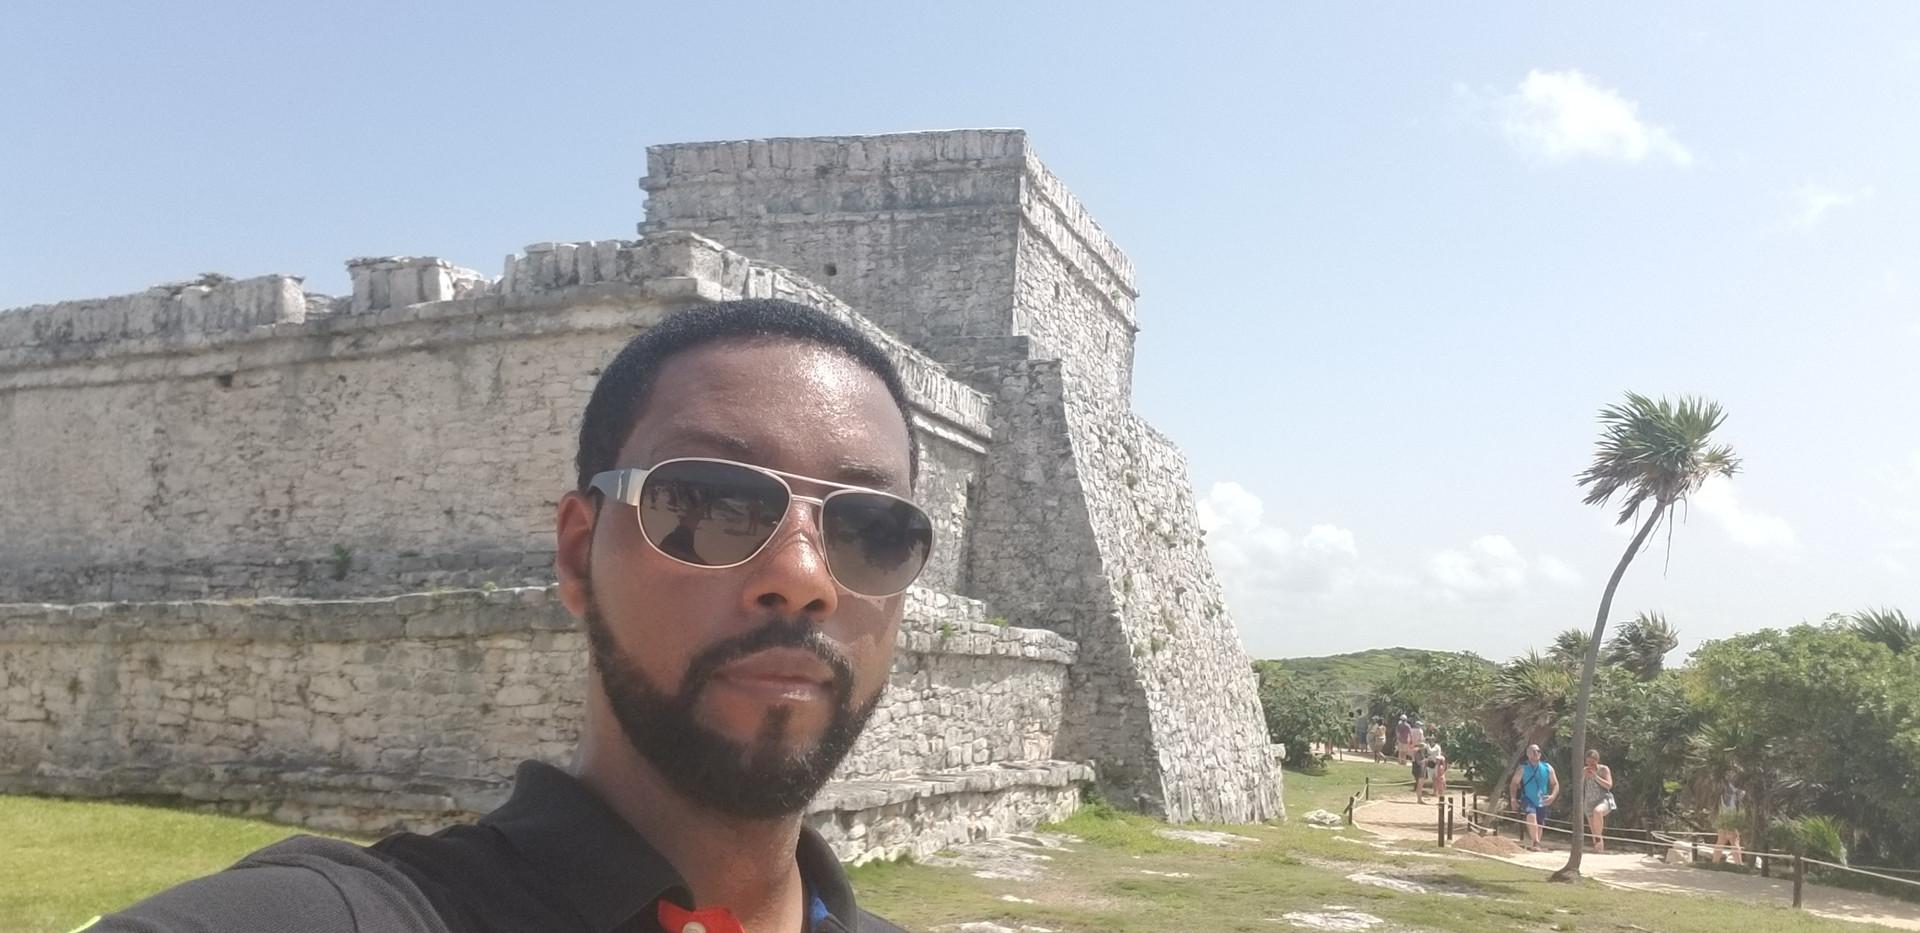 Tulum in Mexico